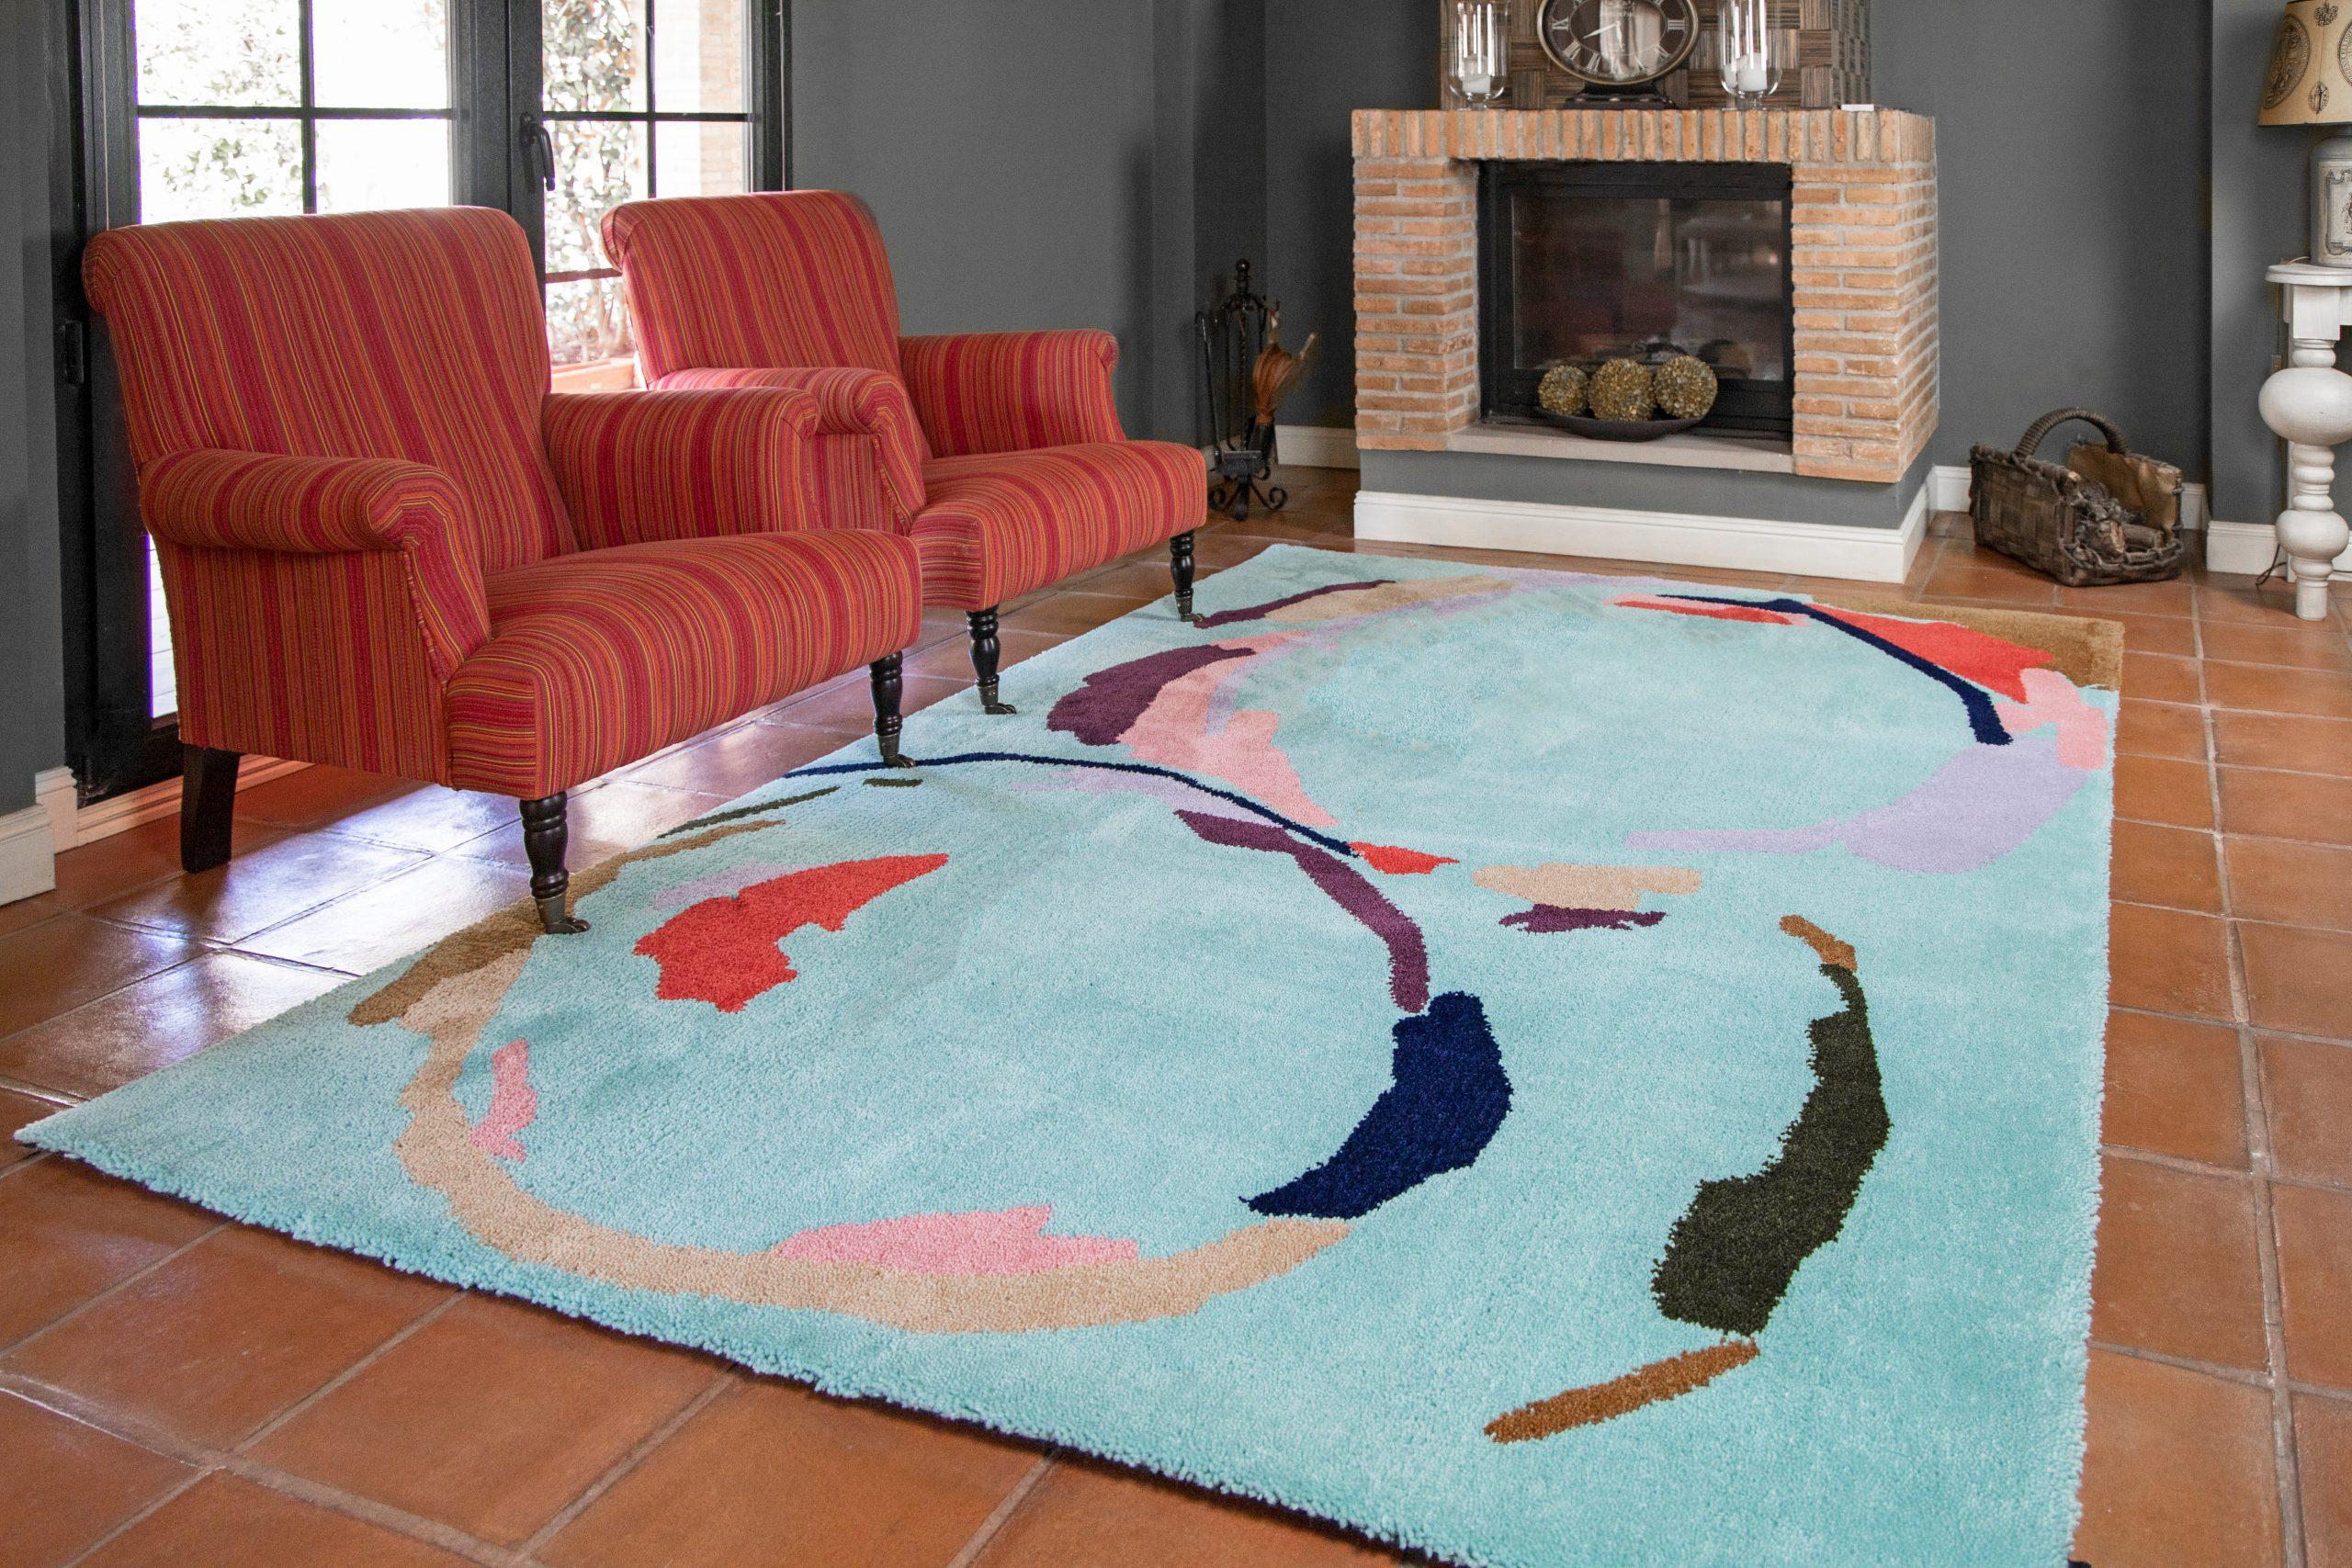 alfombra de diseño junto con sofas a color